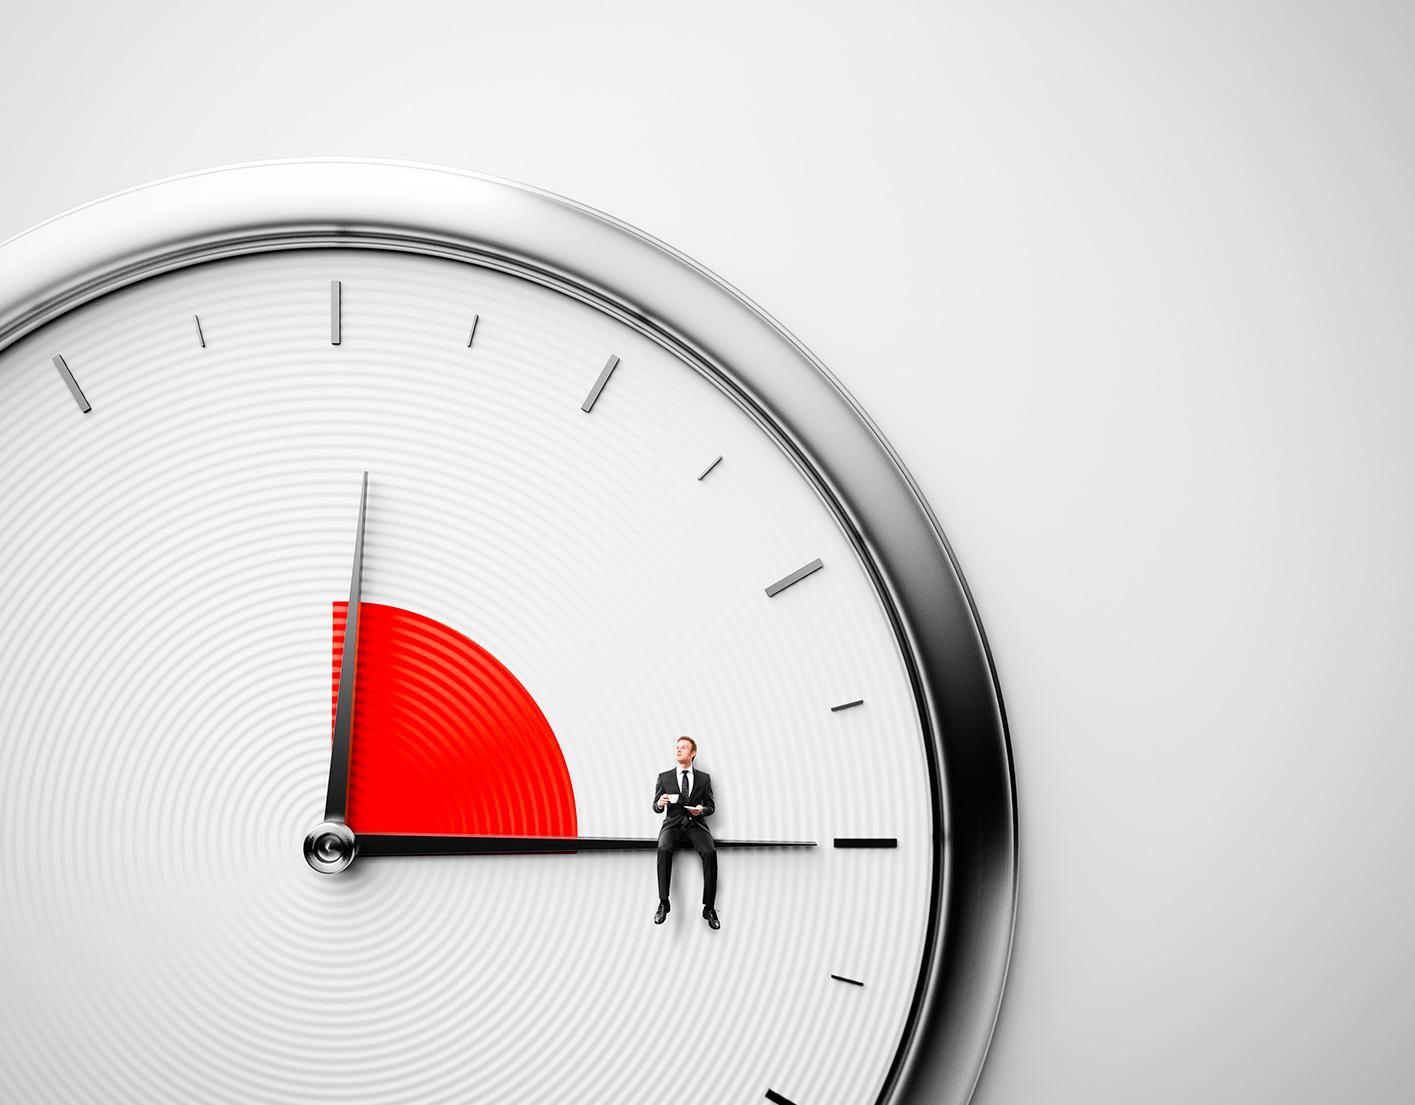 Nueva campaña de inspección de trabajo contratos a tiempo parcial